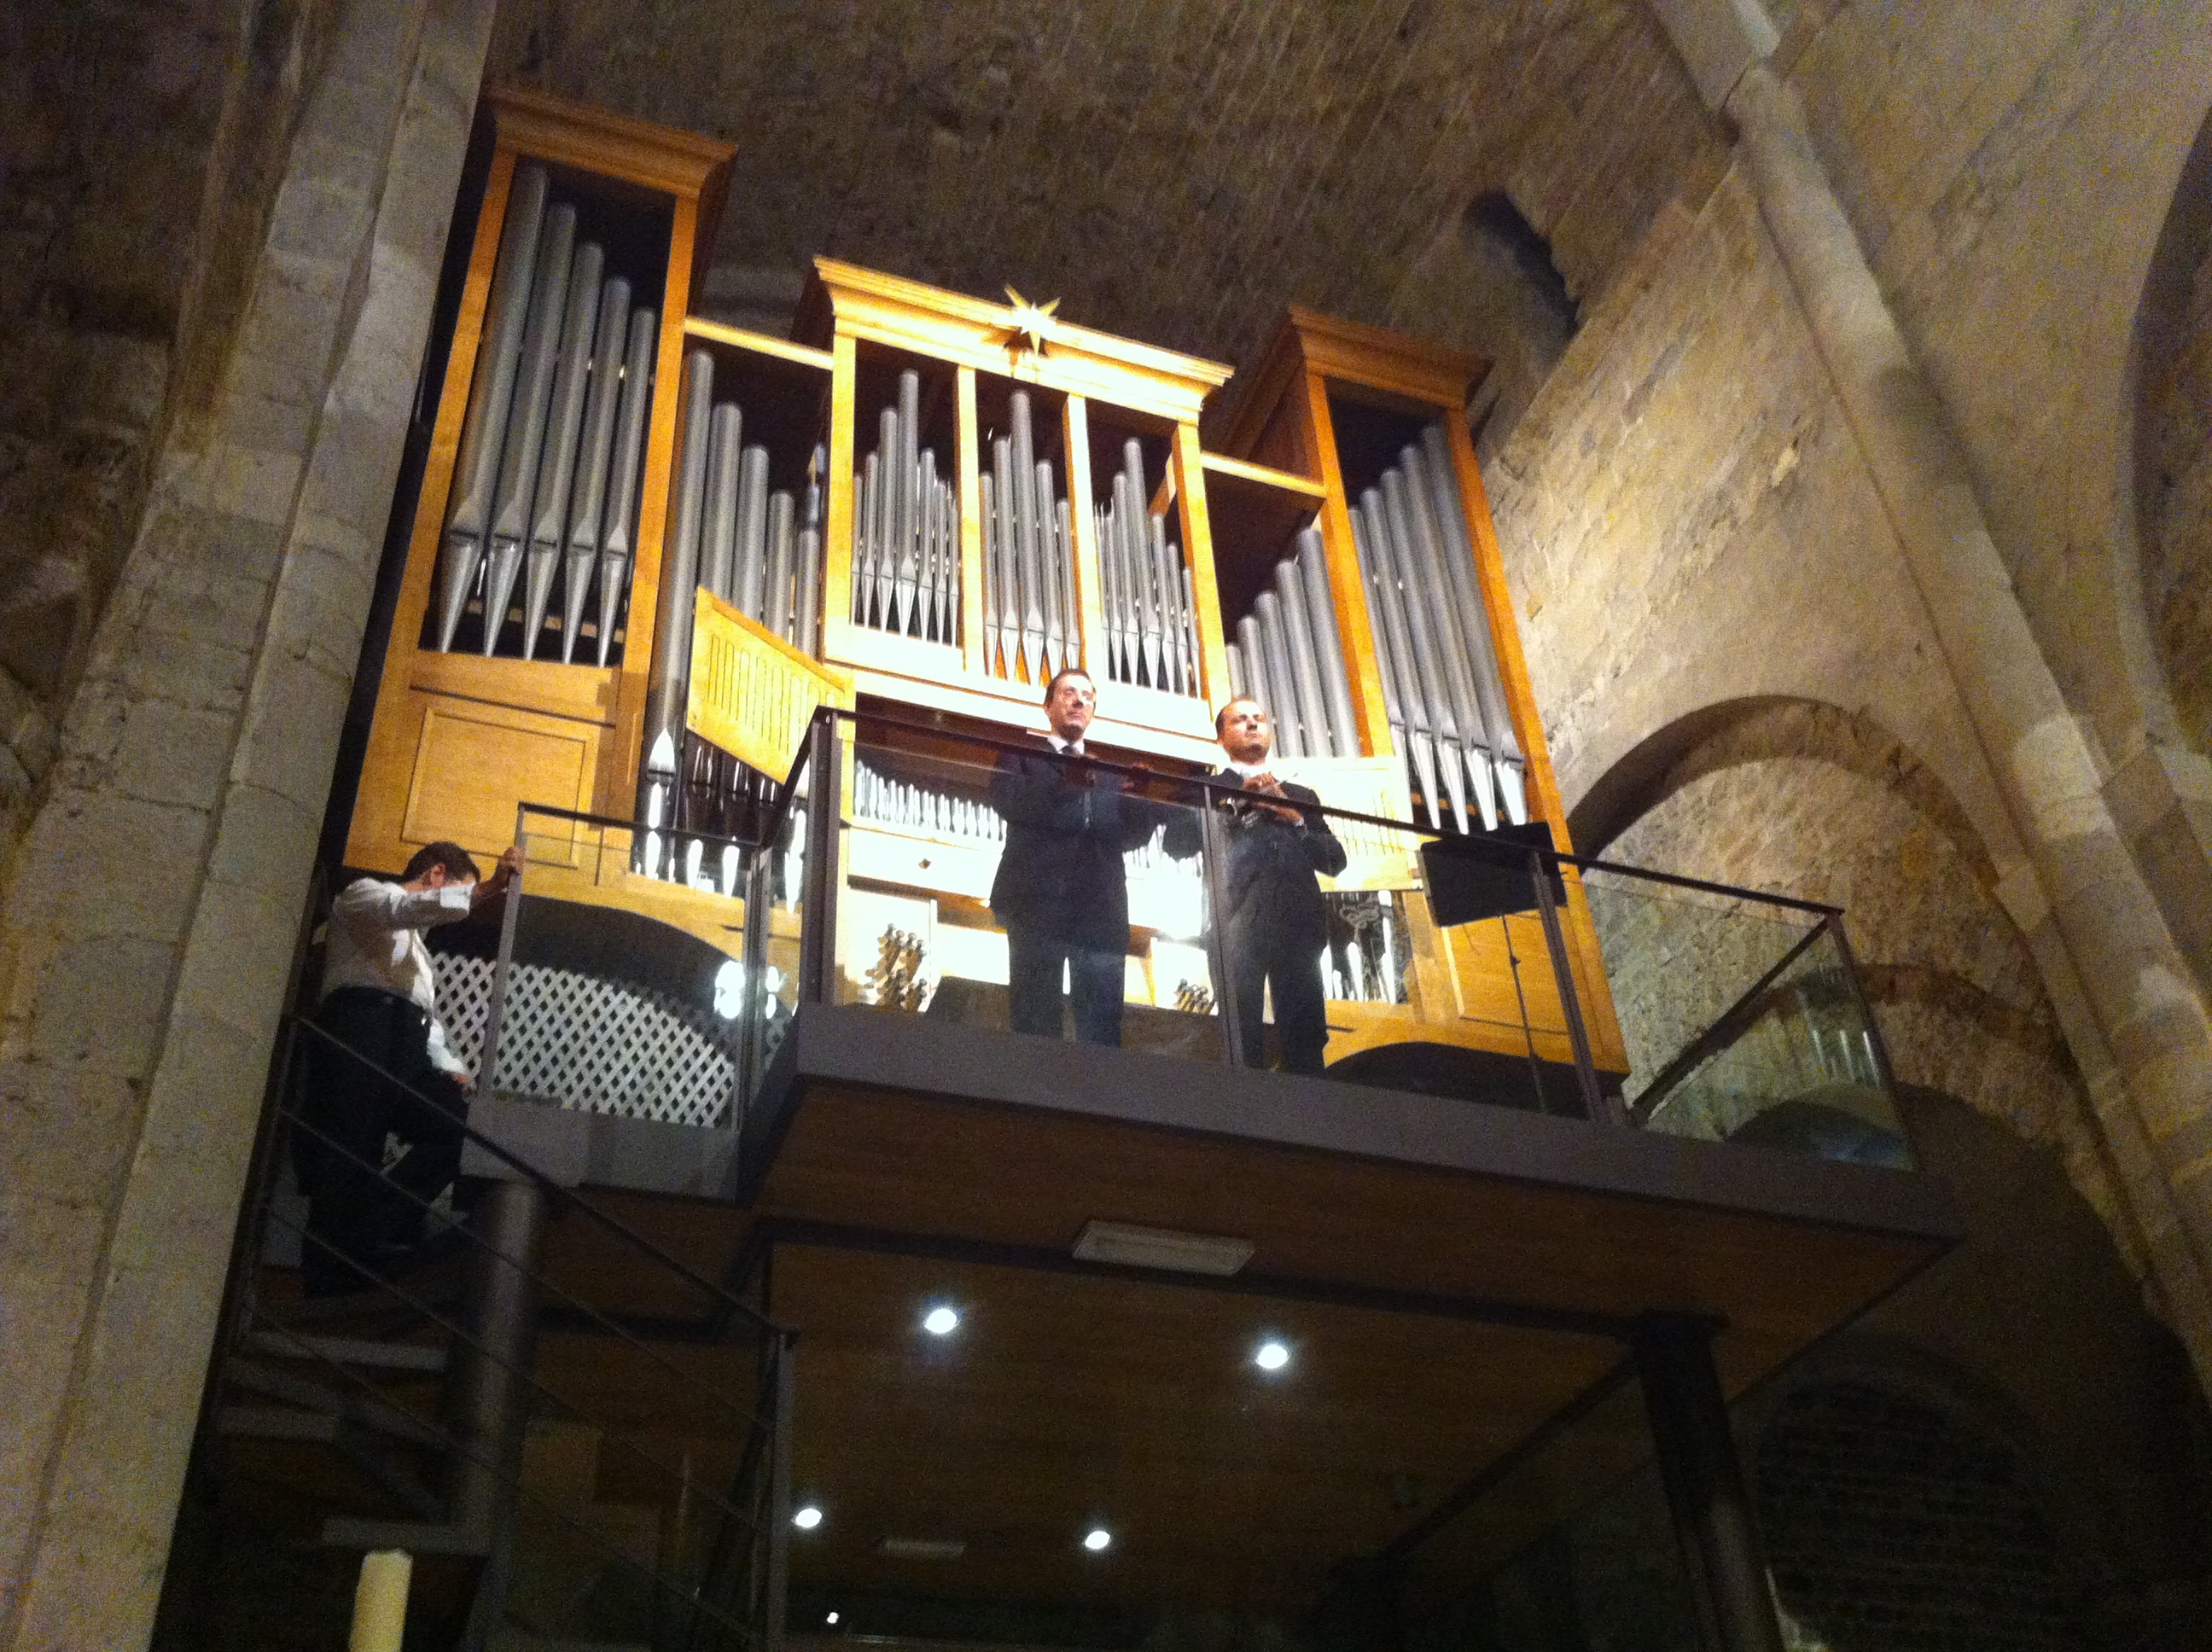 """Successo di pubblico, tutti i posti a sedere completi, per il primo appuntamento delle """"meditazioni organistiche"""", organizzato dalla Parrocchia Cattedrale dell'Assunta di Ventimiglia Alta. 11 brani suonati con organo e…"""